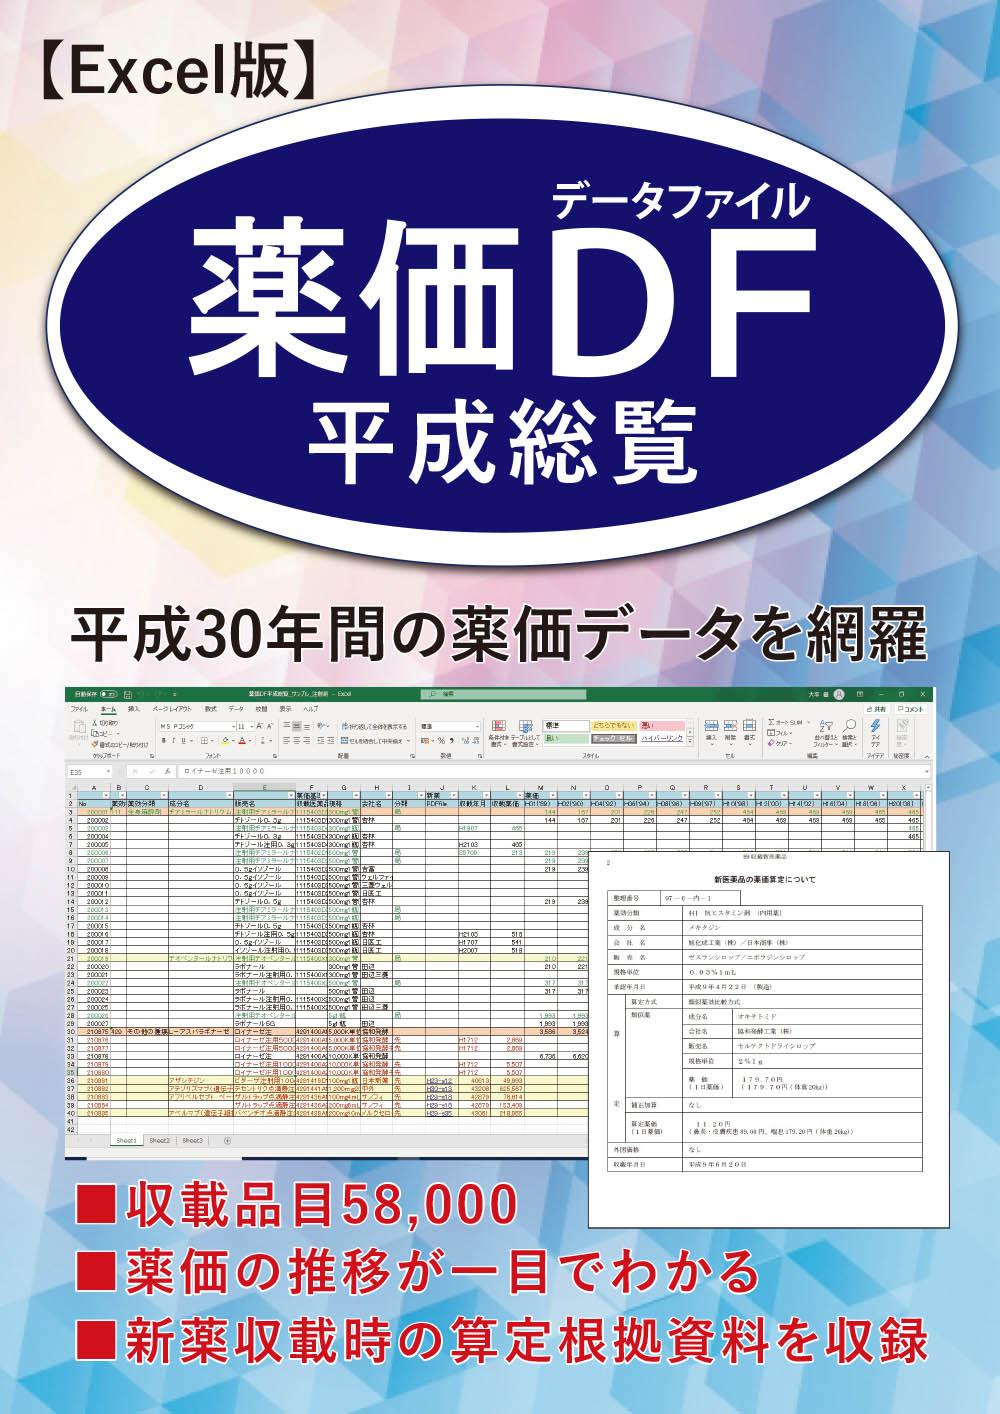 薬価データファイル平成総覧(Excel版)